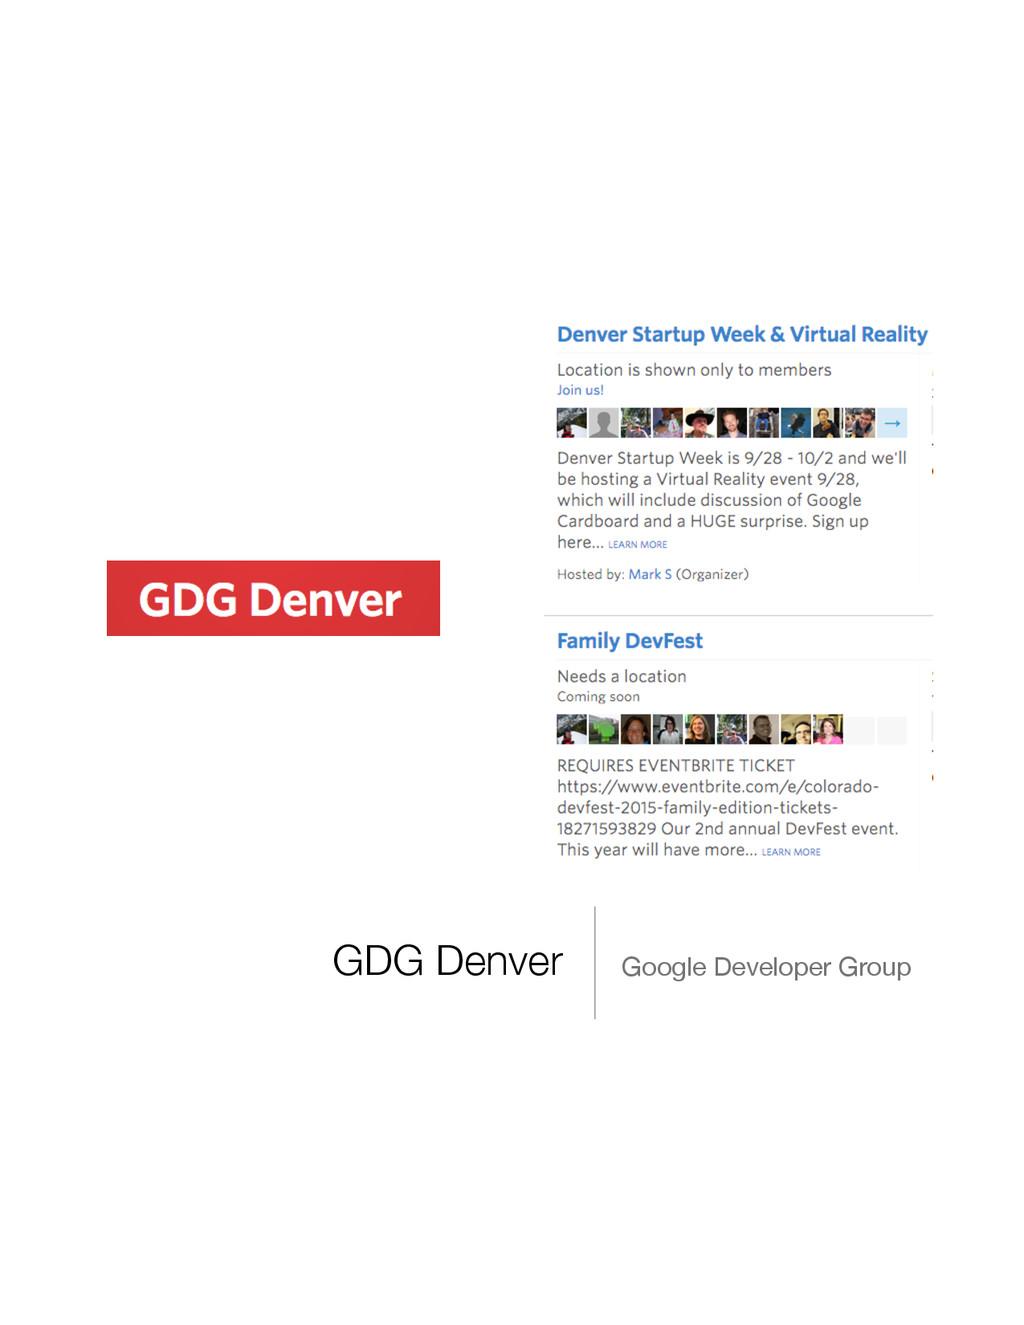 GDG Denver Google Developer Group